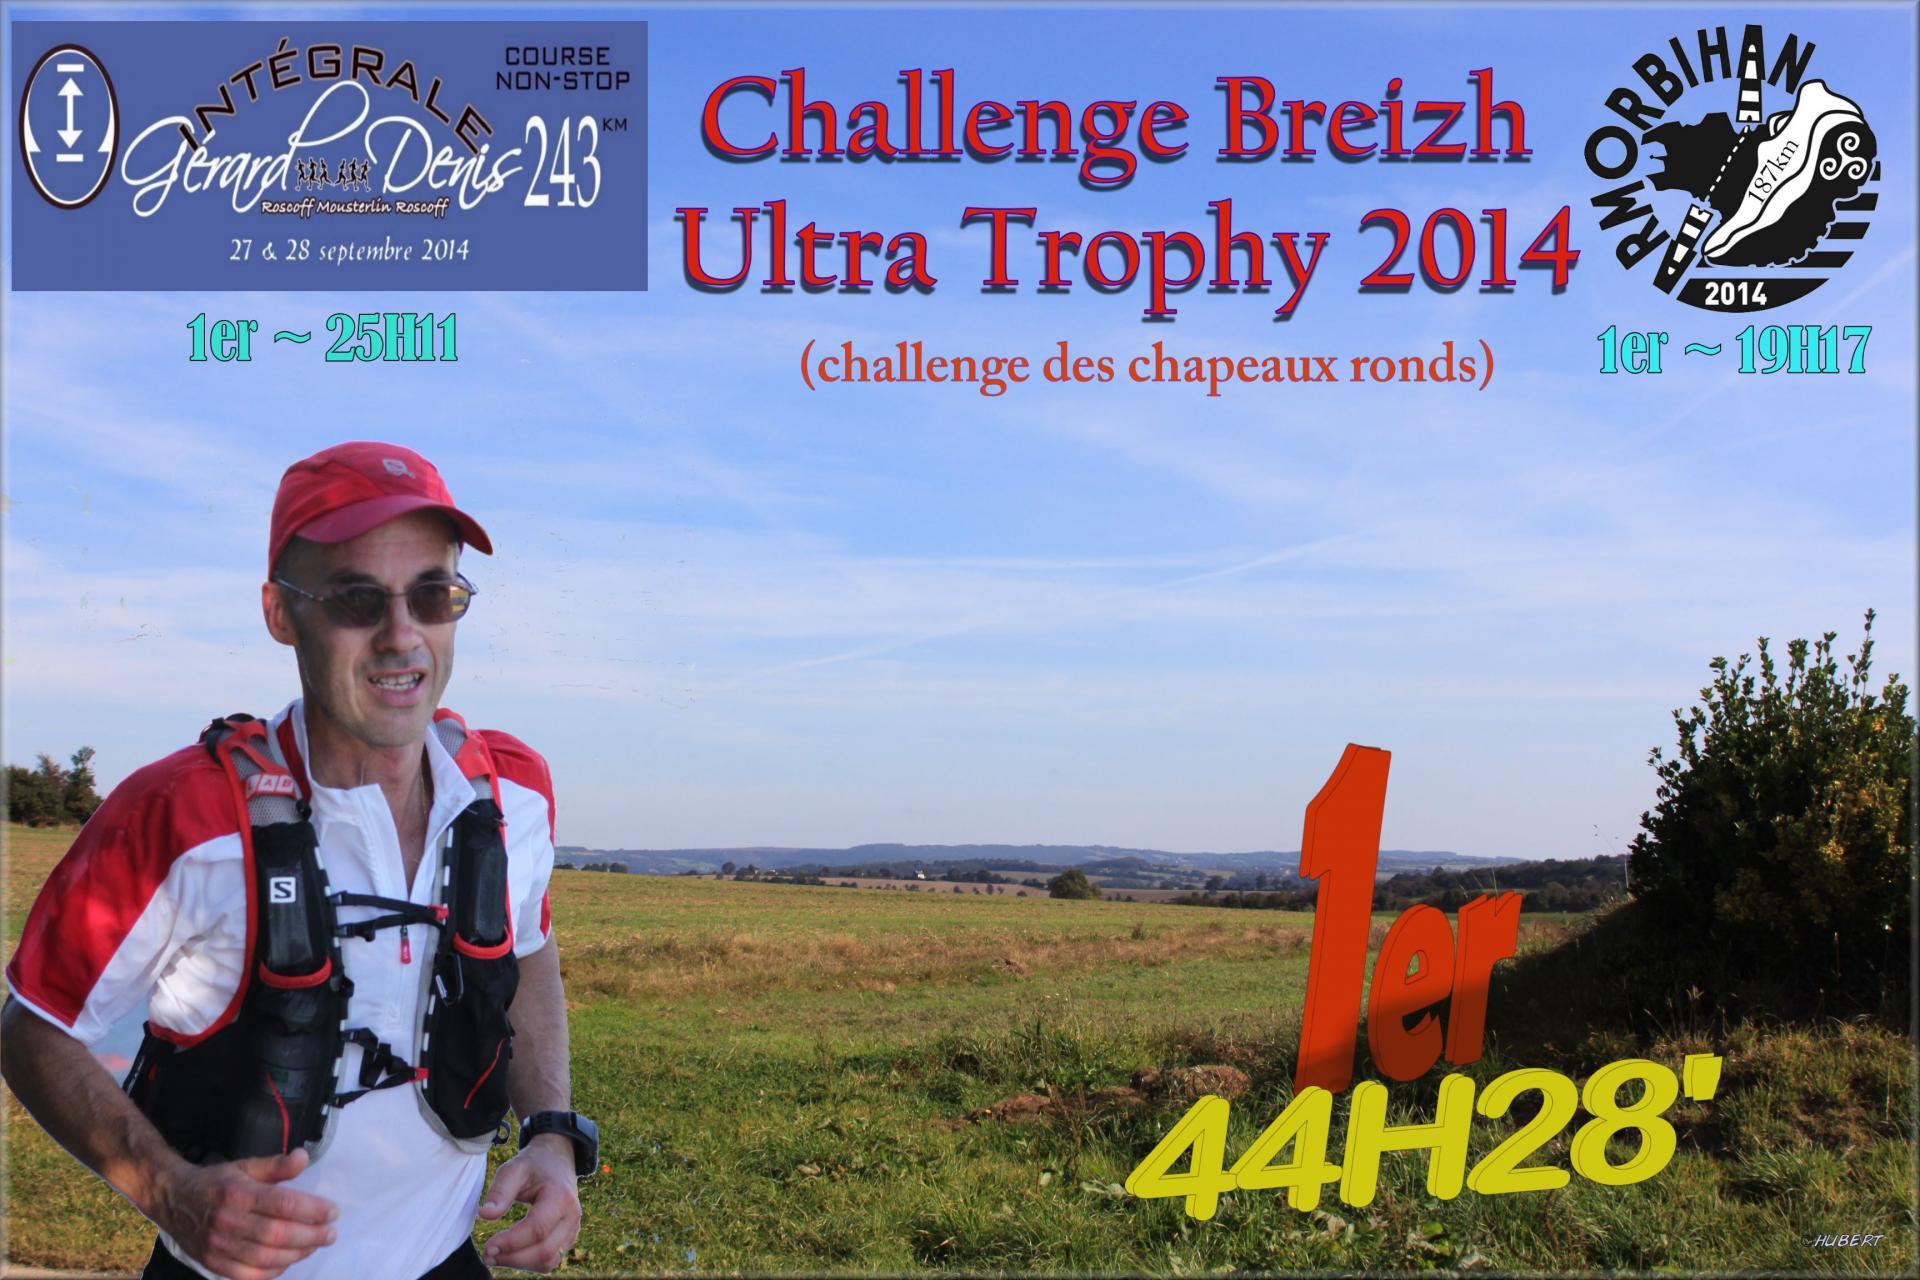 2014 challenge breizh02